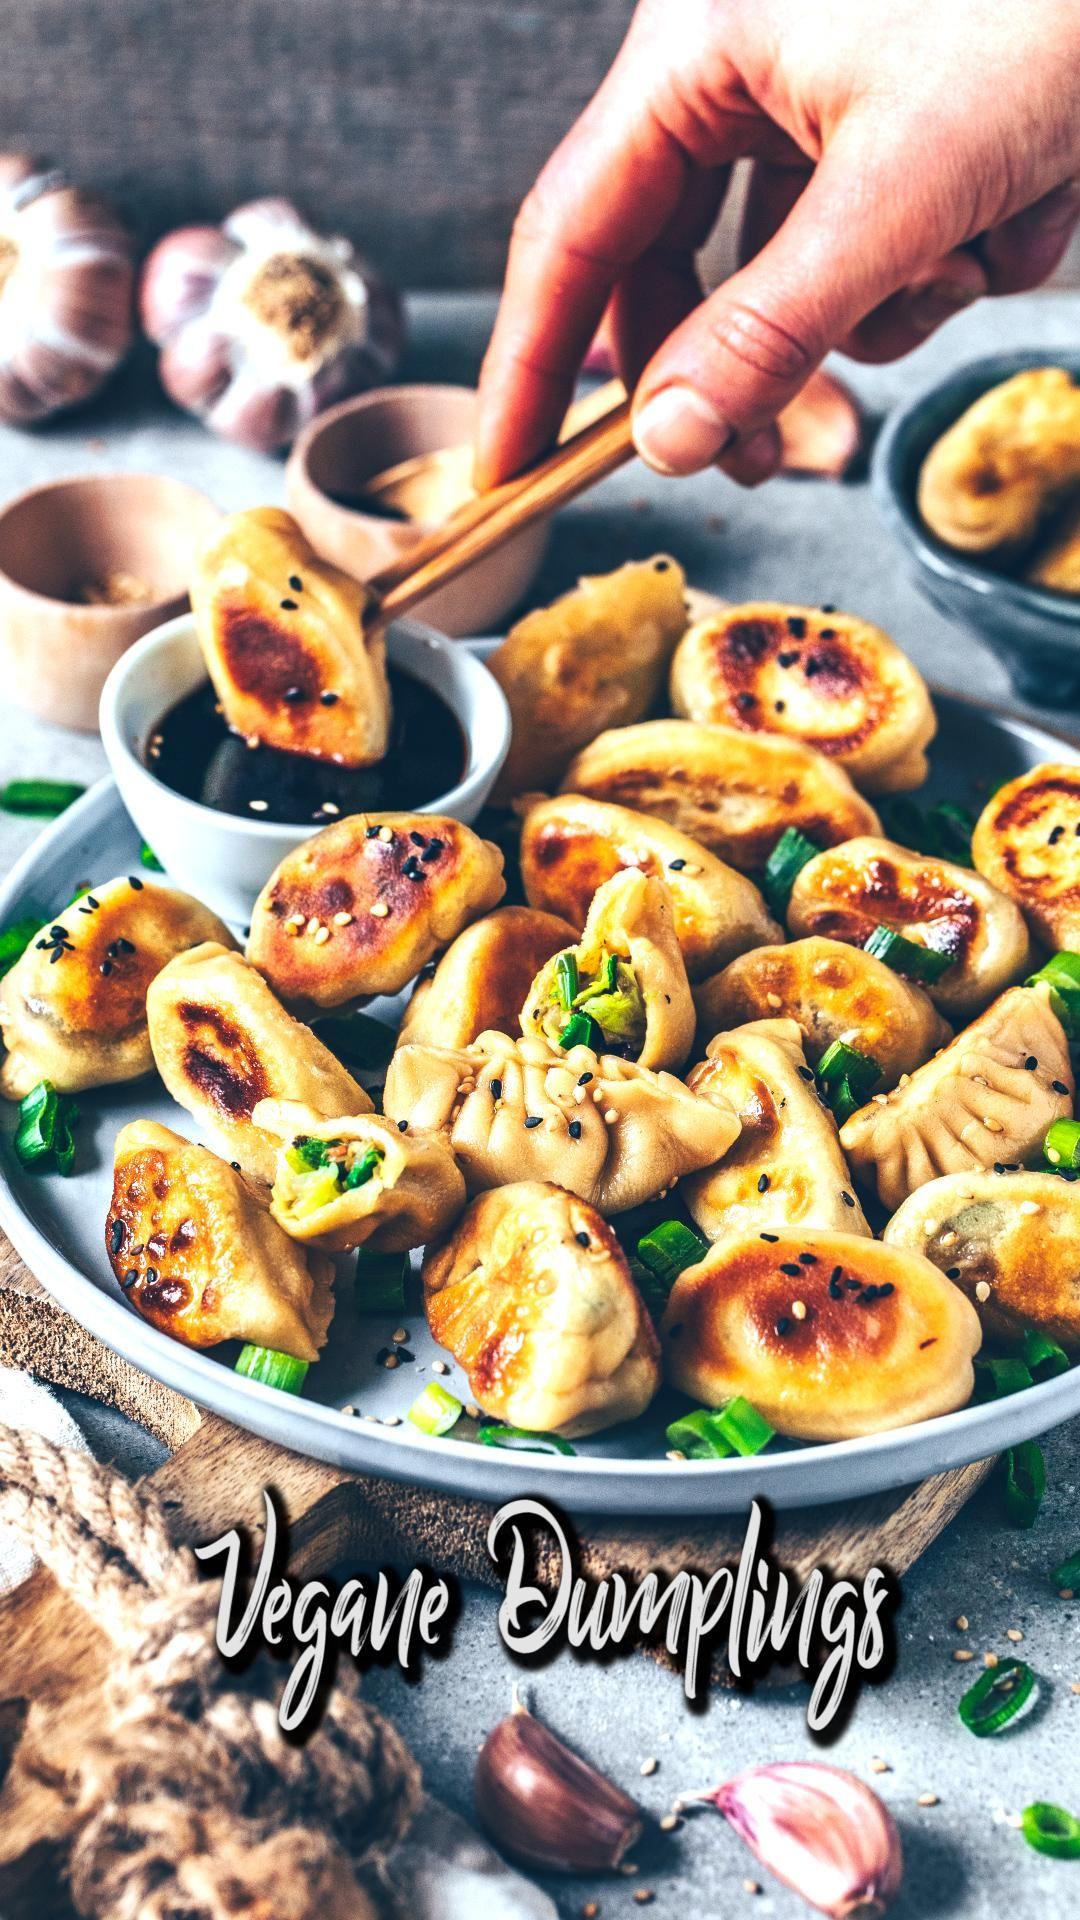 Knusprig gebratene Vegane Dumplings (Gyoza mit Gemüsefüllung) sind japanische Teigtaschen, auch Jiaozi genannt. Sie bestehen aus einem hausgemachten Dumpling-Teig und sind mit gesundem Gemüse gefüllt. Dieses Rezept ist ziemlich einfach und enthält eine Schritt-für-Schritt-Anleitung. #dumplings #gyoza #teigtaschen #vegan #veganerezepte #rezeptvideo #rezepte